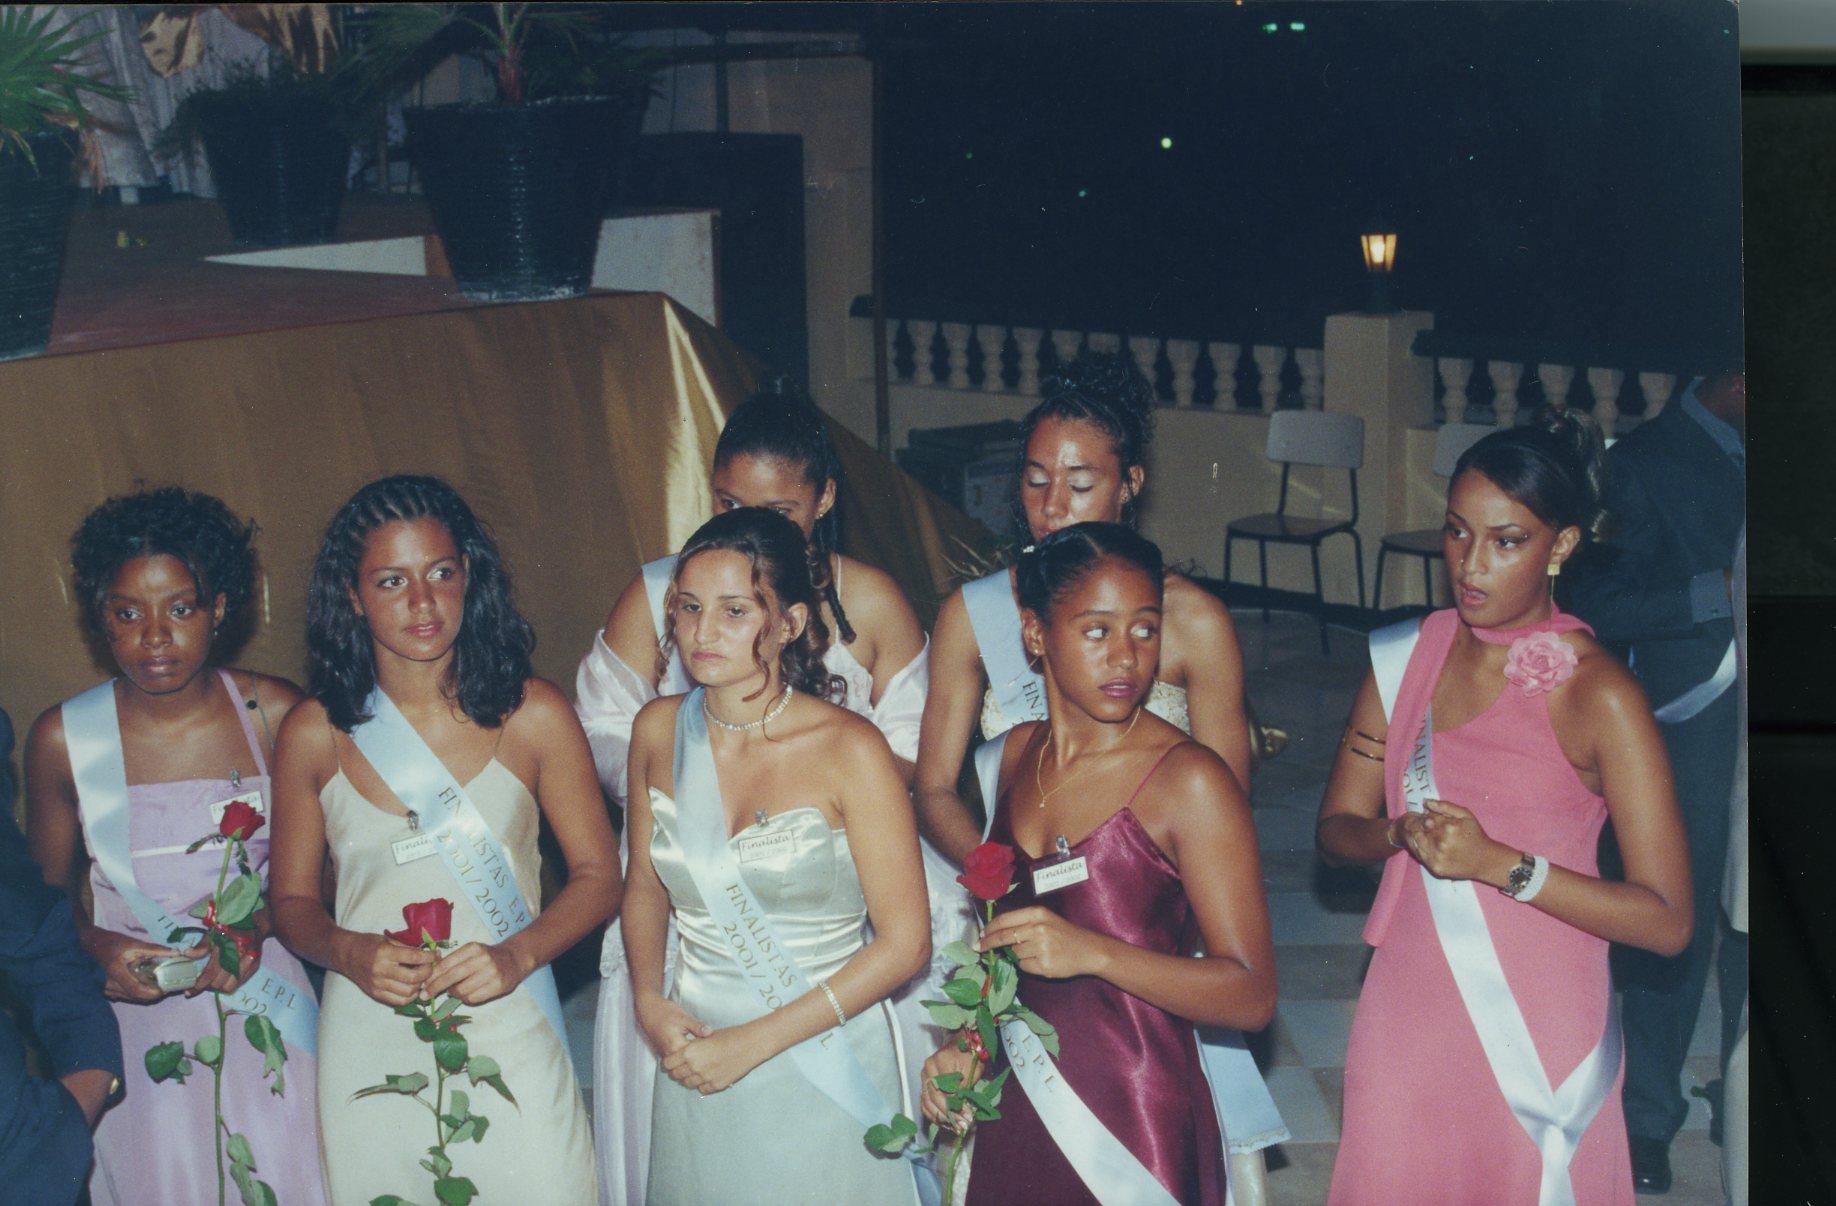 baile finalistas radio Vial 2001-2002